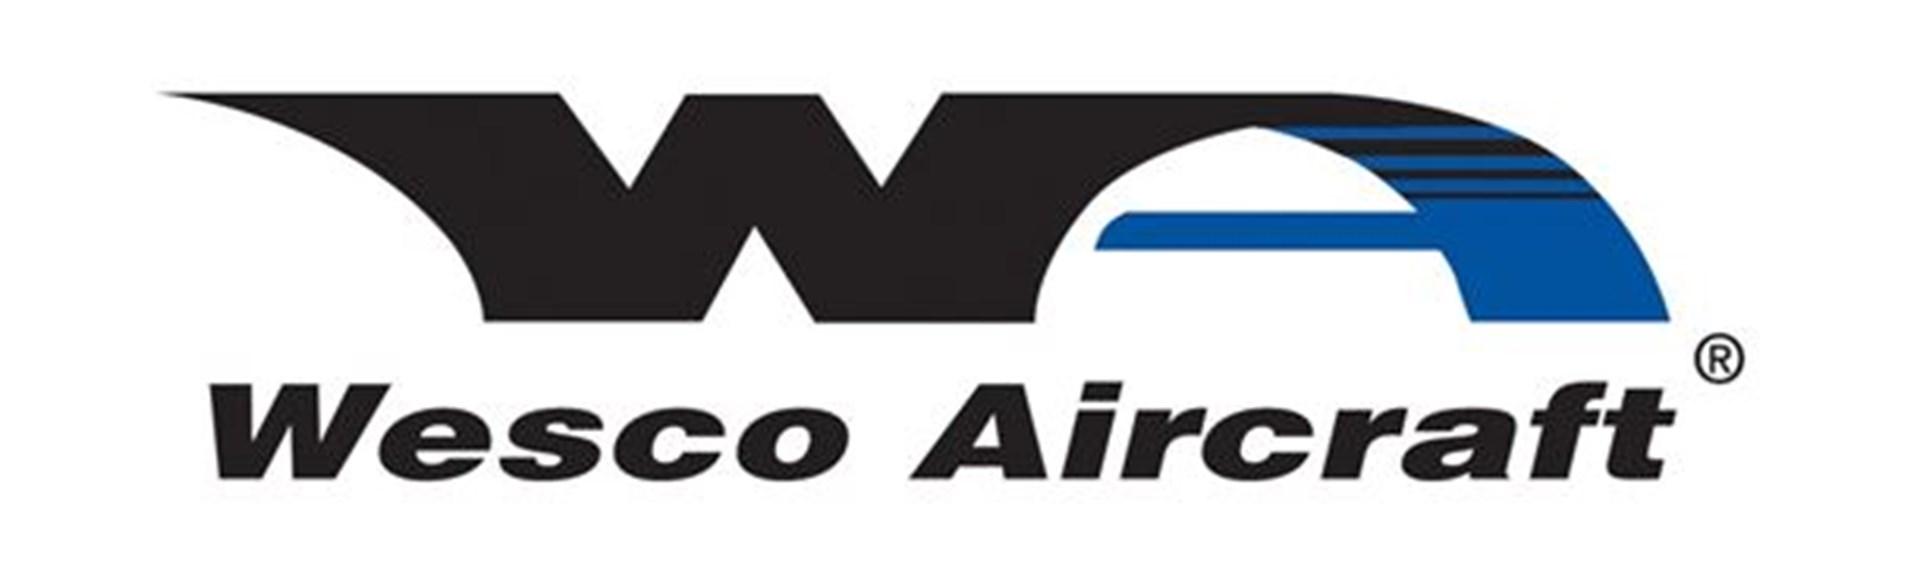 Wesco Aircraft logo